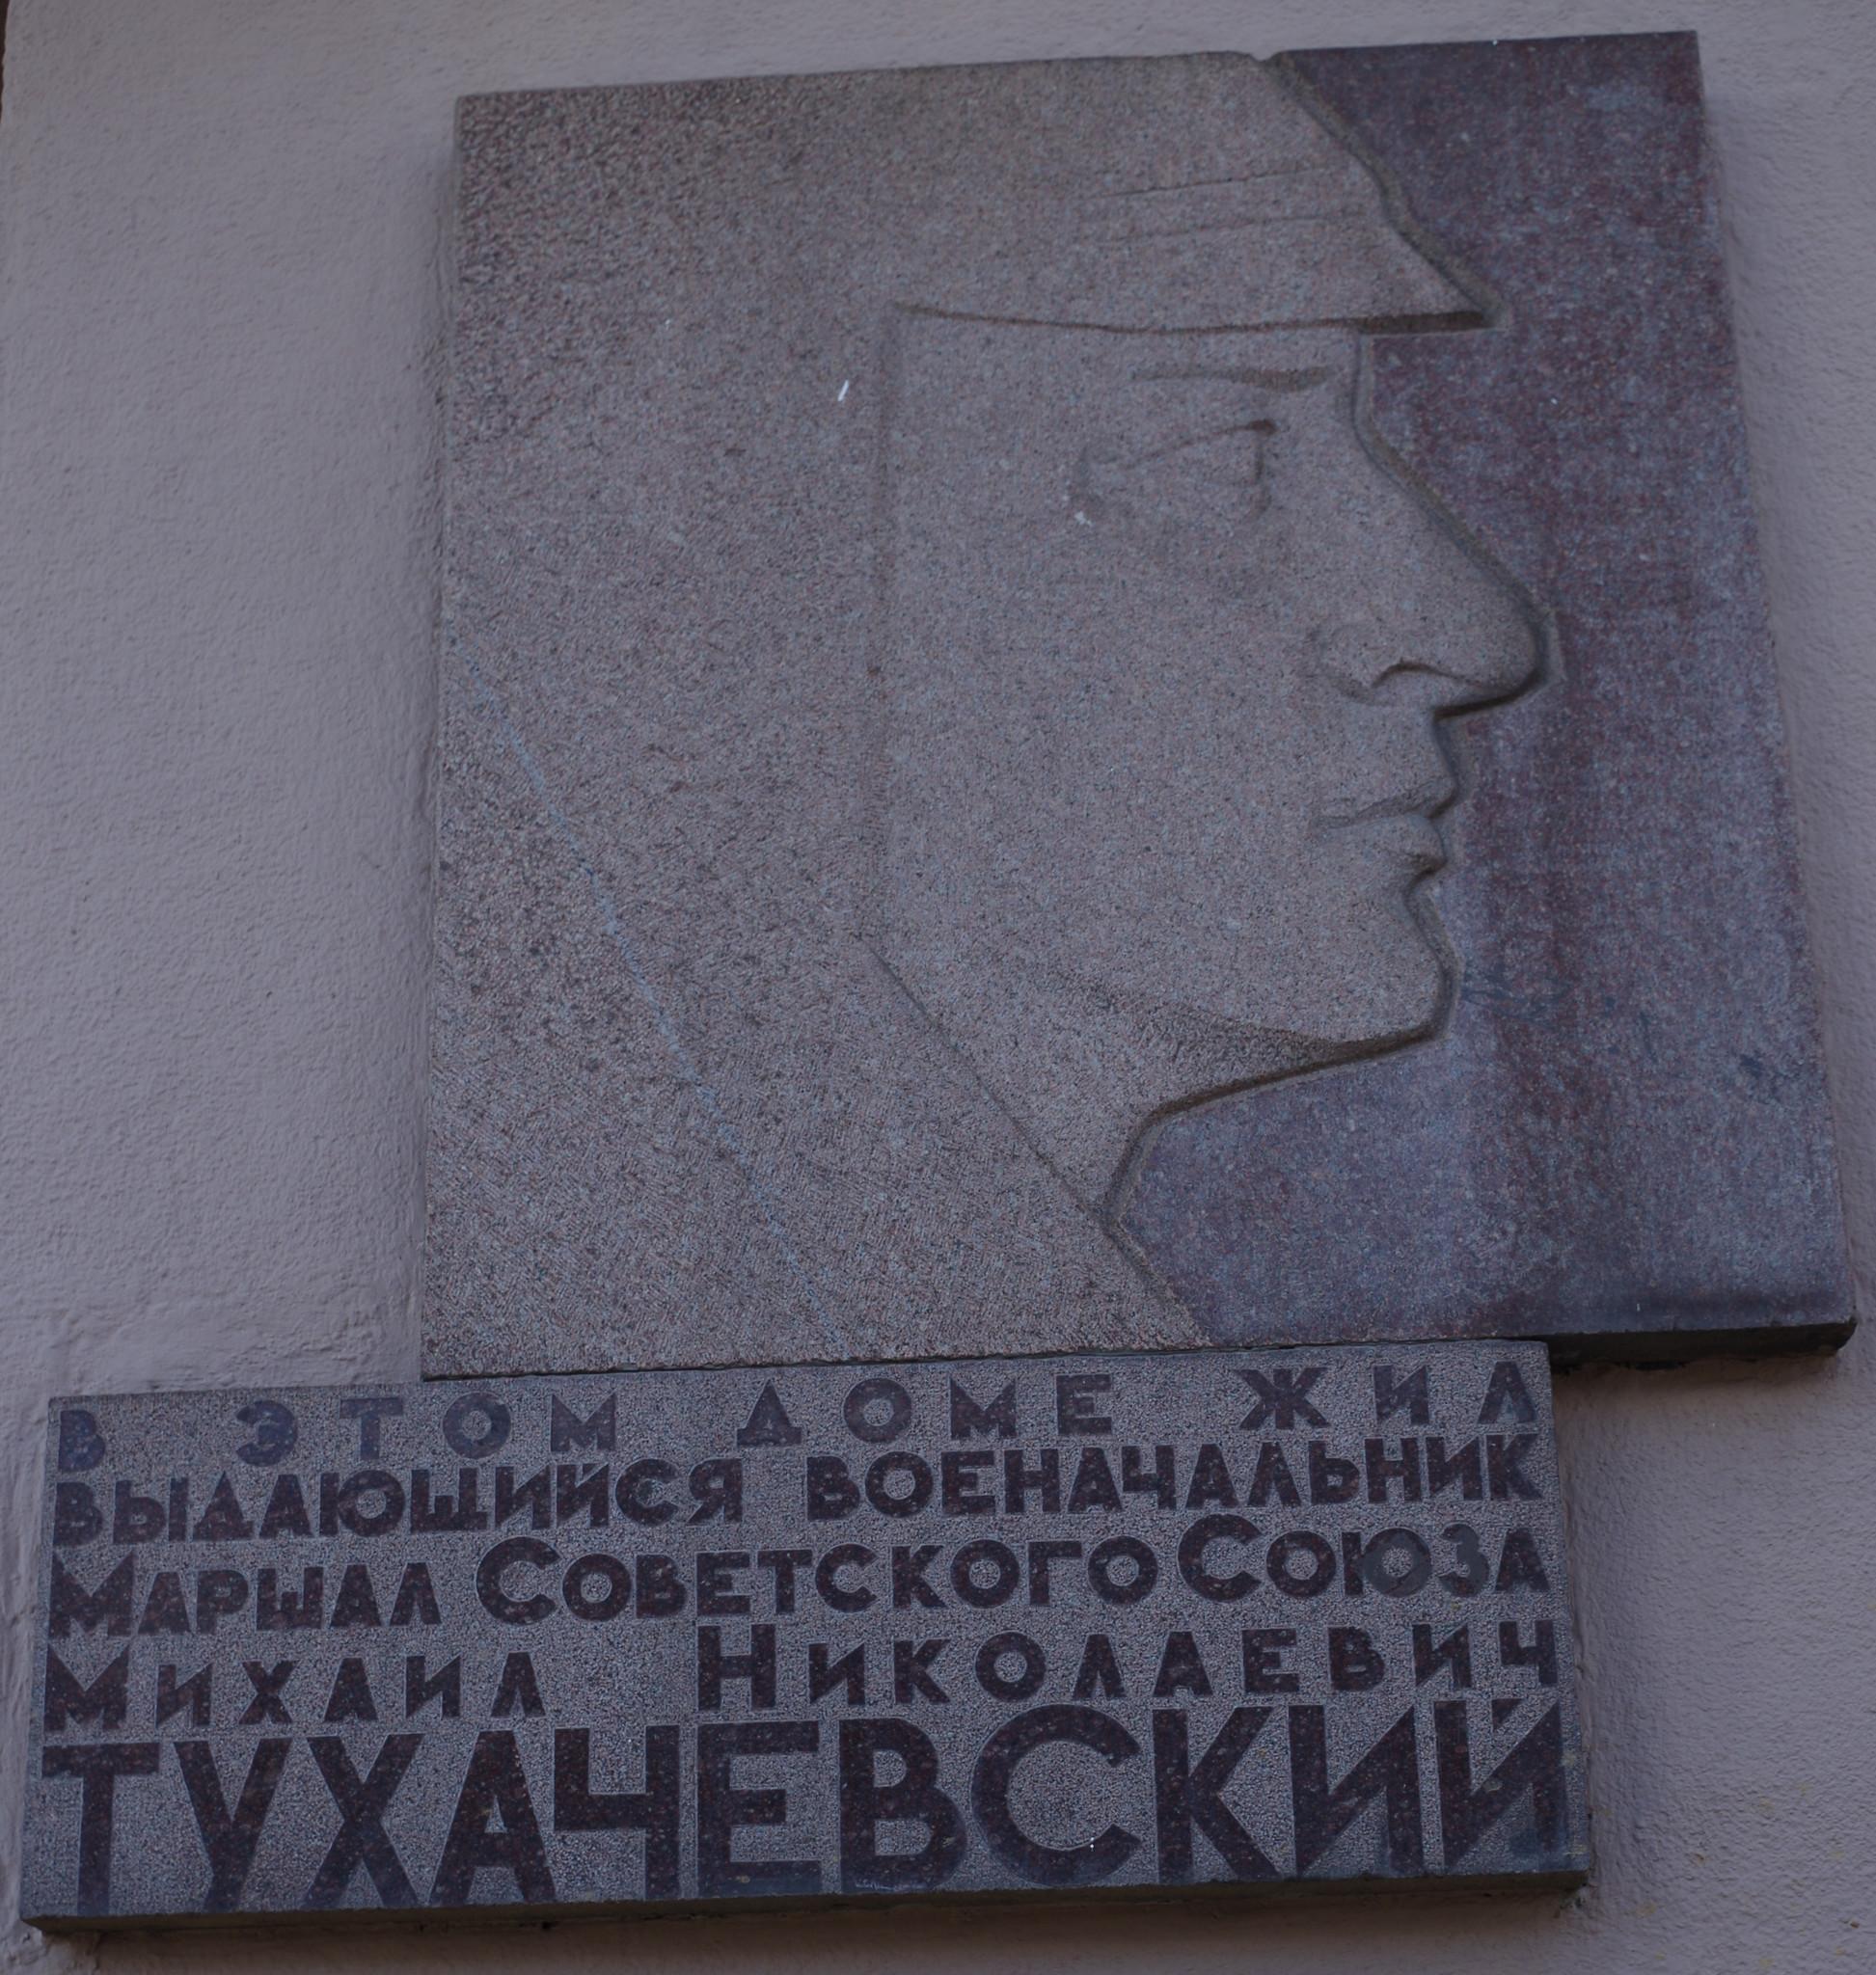 Маршал Советского Союза Михаил Николаевич Тухачевский